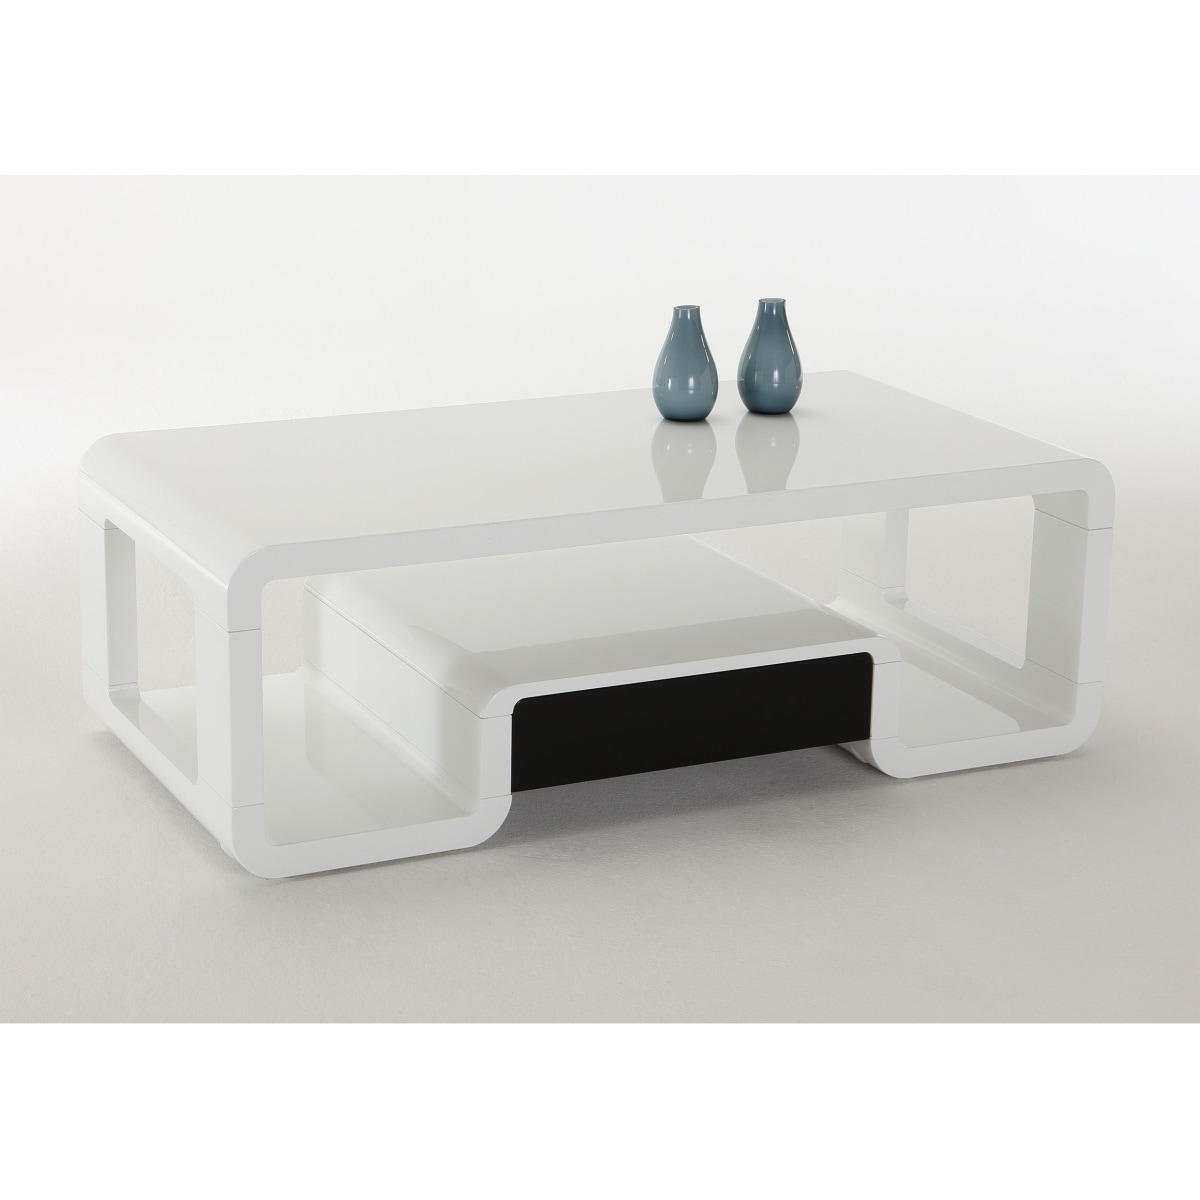 couchtisch nico wei mdf hochglanz ca 120x40x60 cm. Black Bedroom Furniture Sets. Home Design Ideas